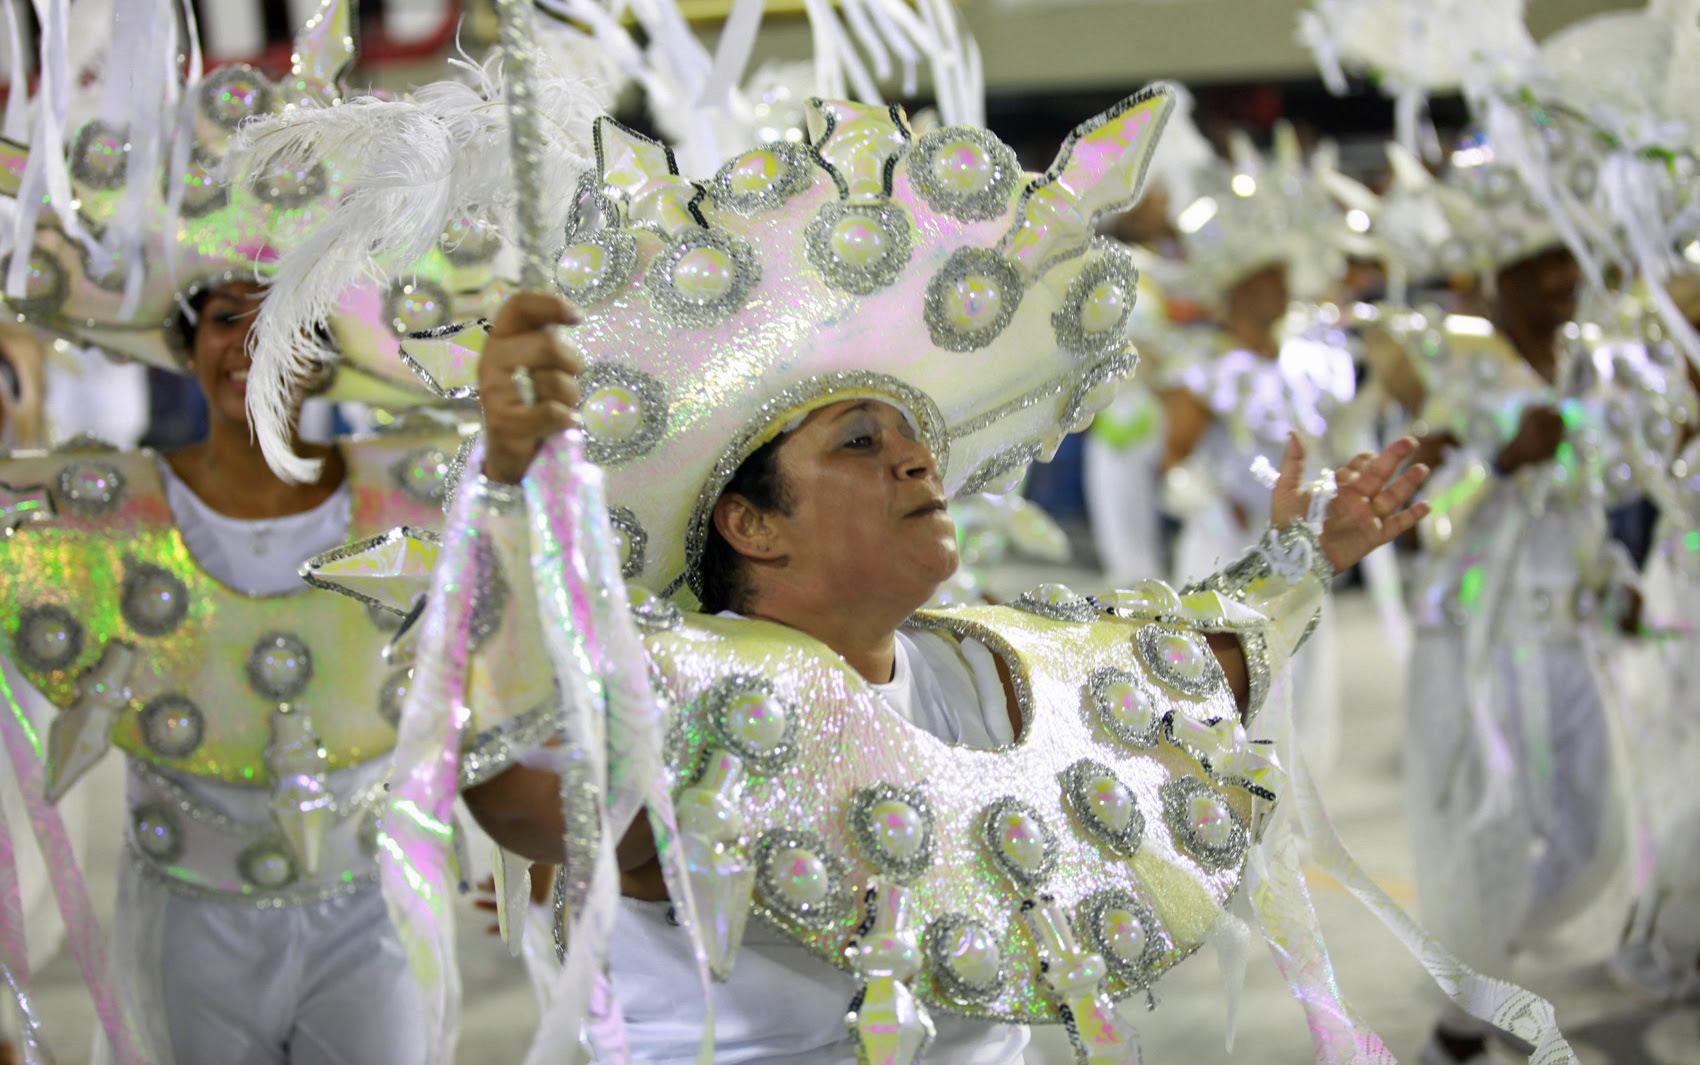 A Acadêmicos de Santa Cruz homenageou o estado do Ceará